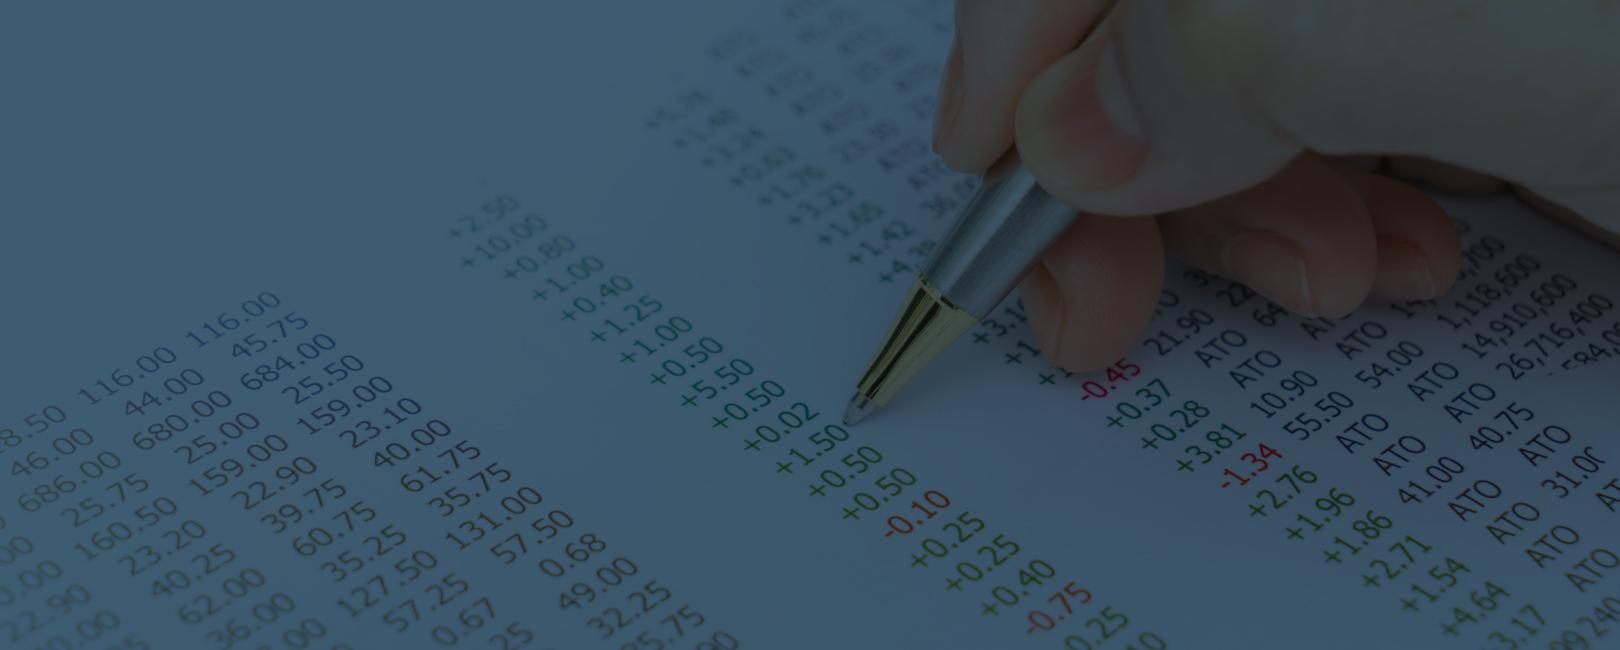 Programa Pricing 4.0: del pricing tradicional al pricing inteligente.